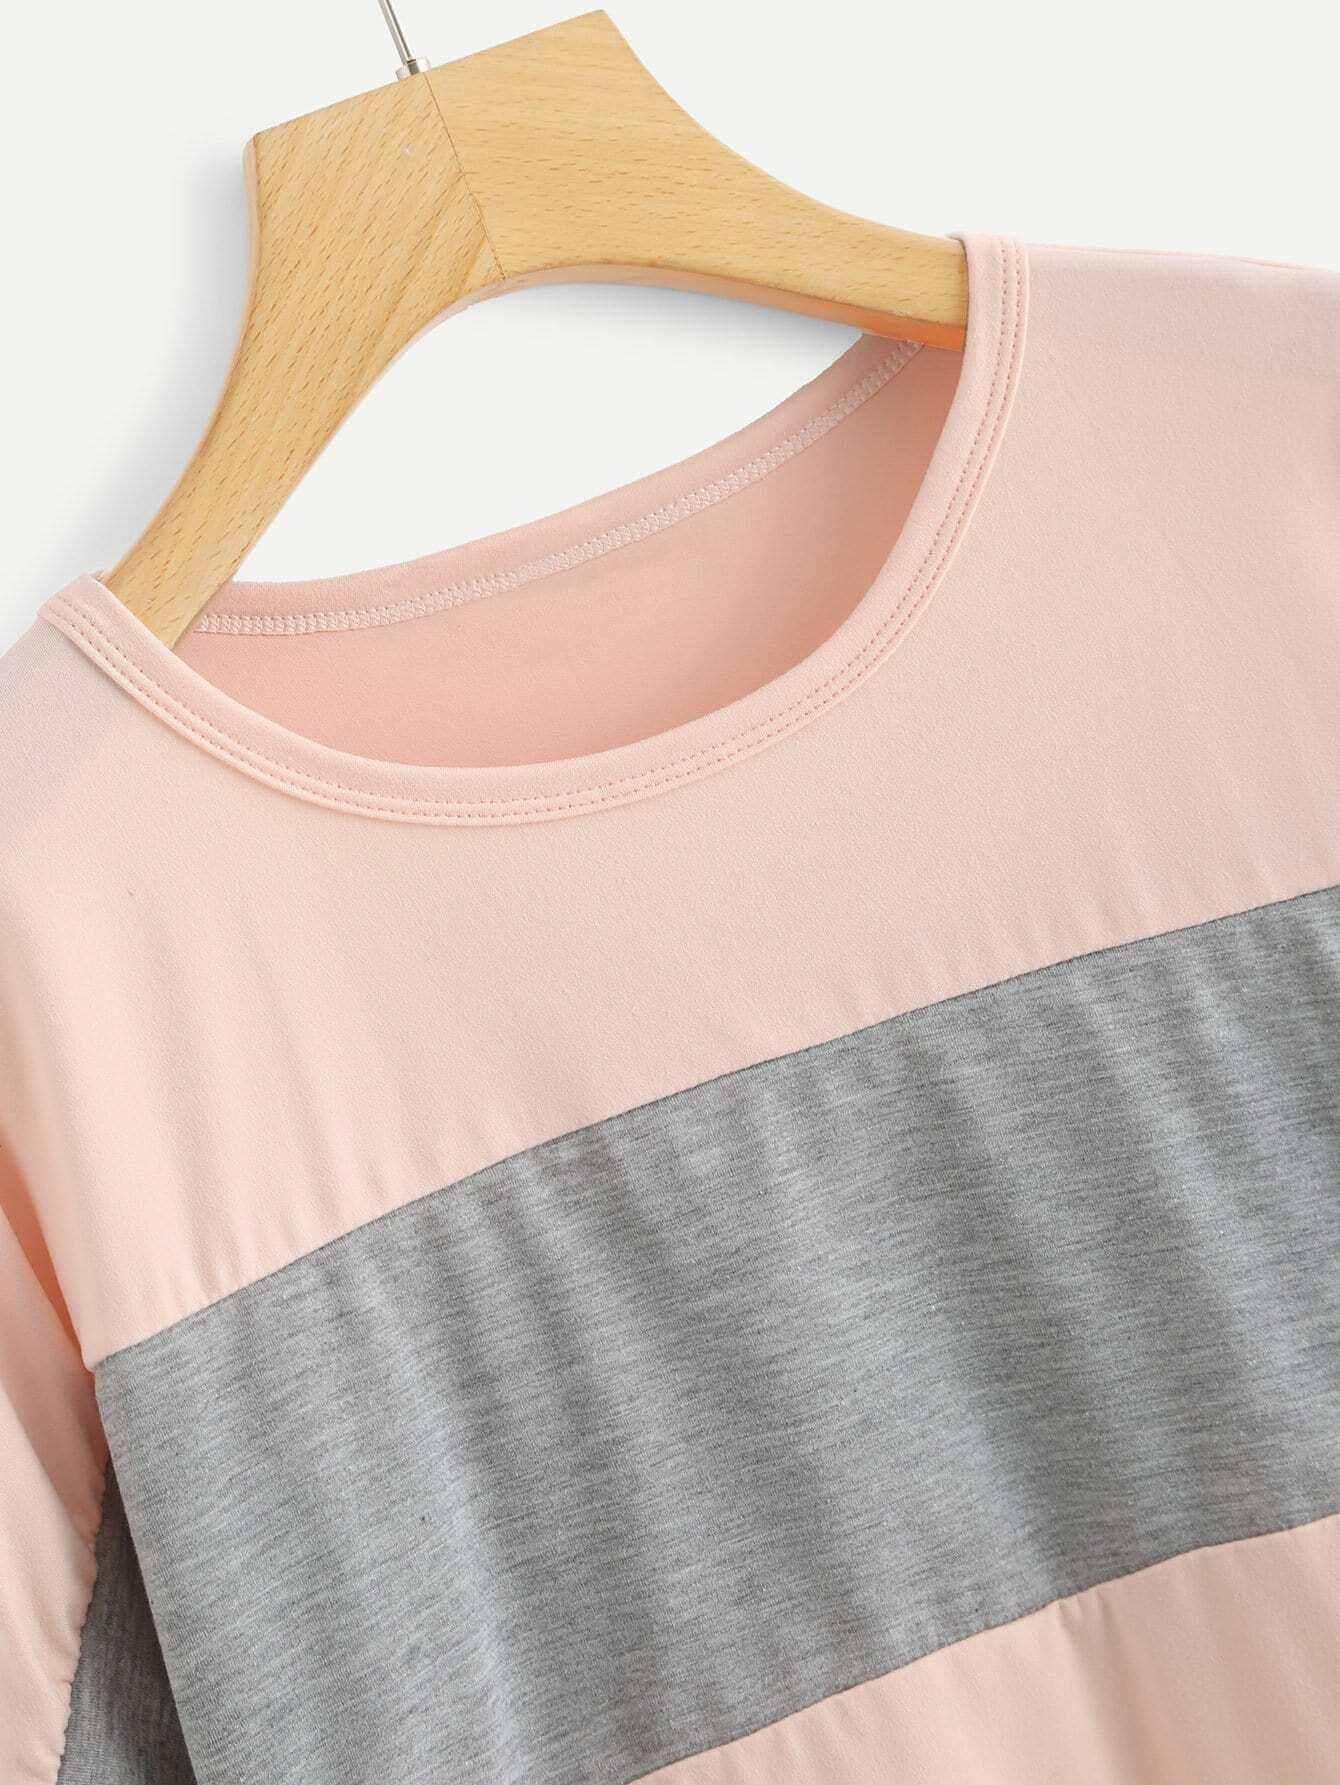 camiseta de rayas block - shein espa09a